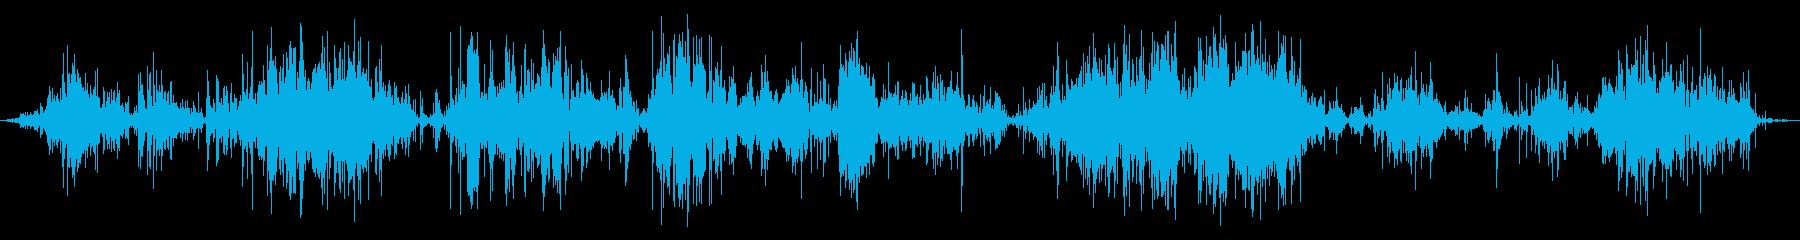 重水渦とうがいの再生済みの波形